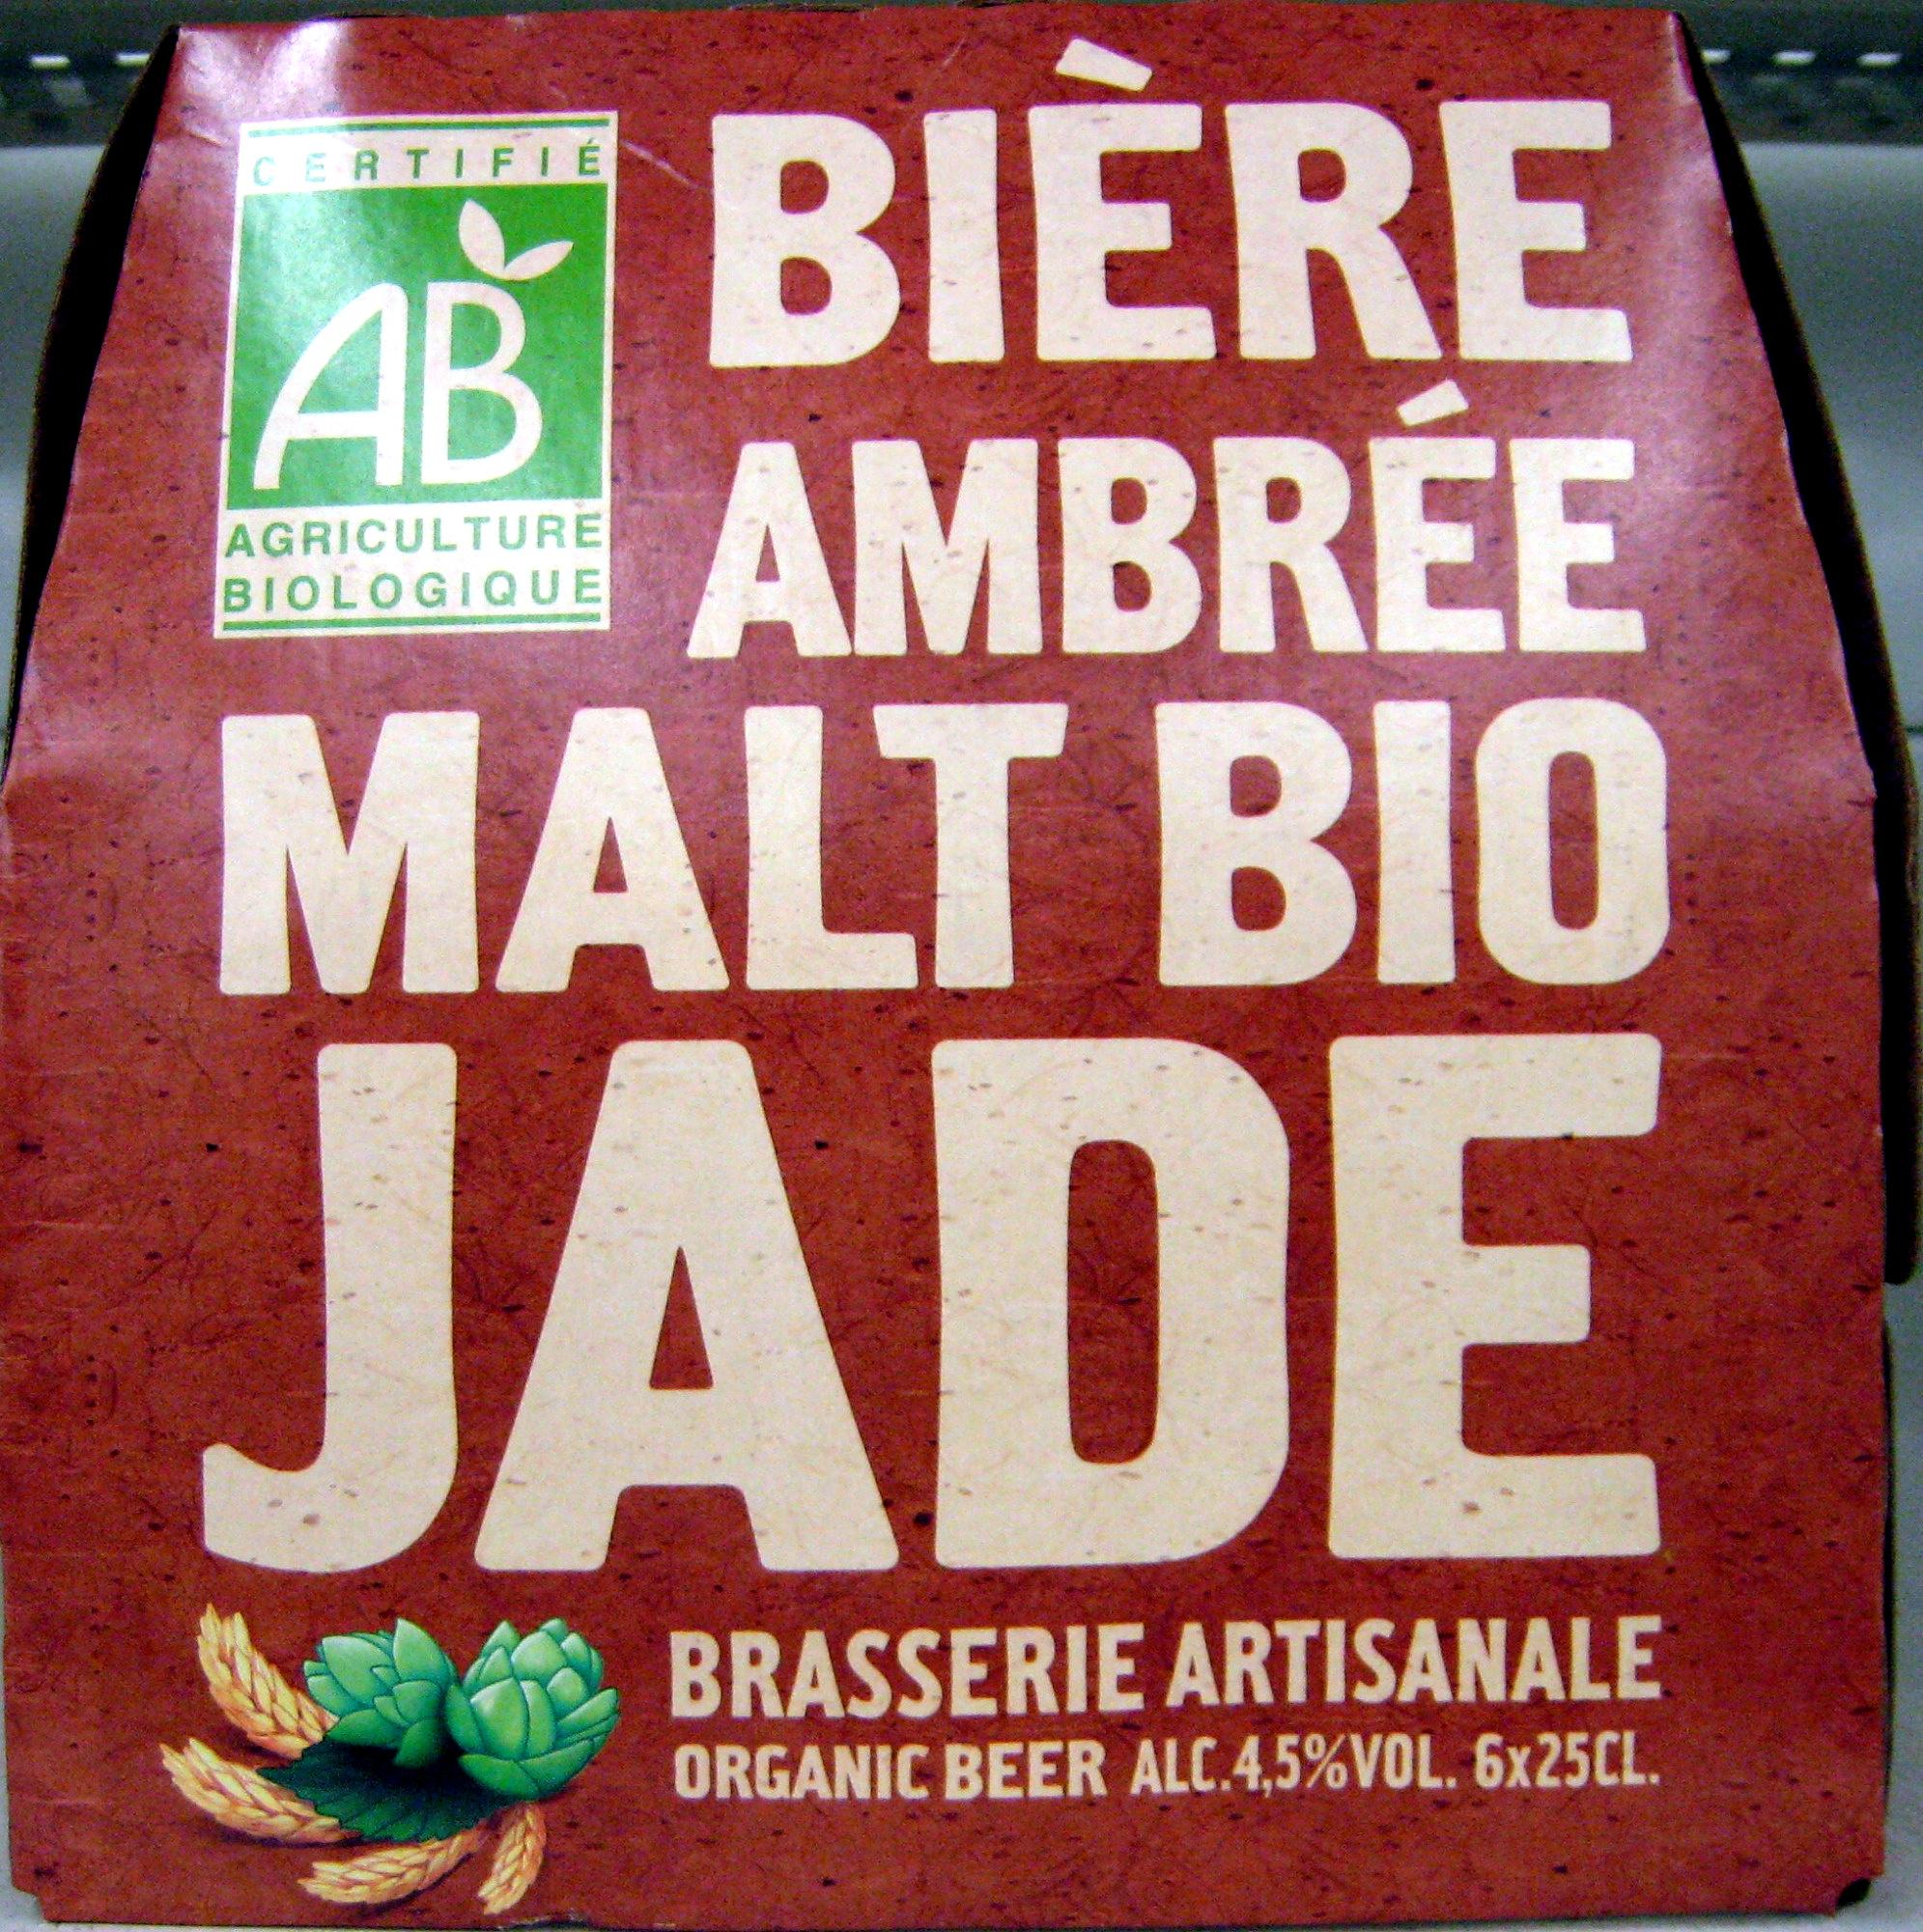 Bière ambrée malt bio Jade - Product